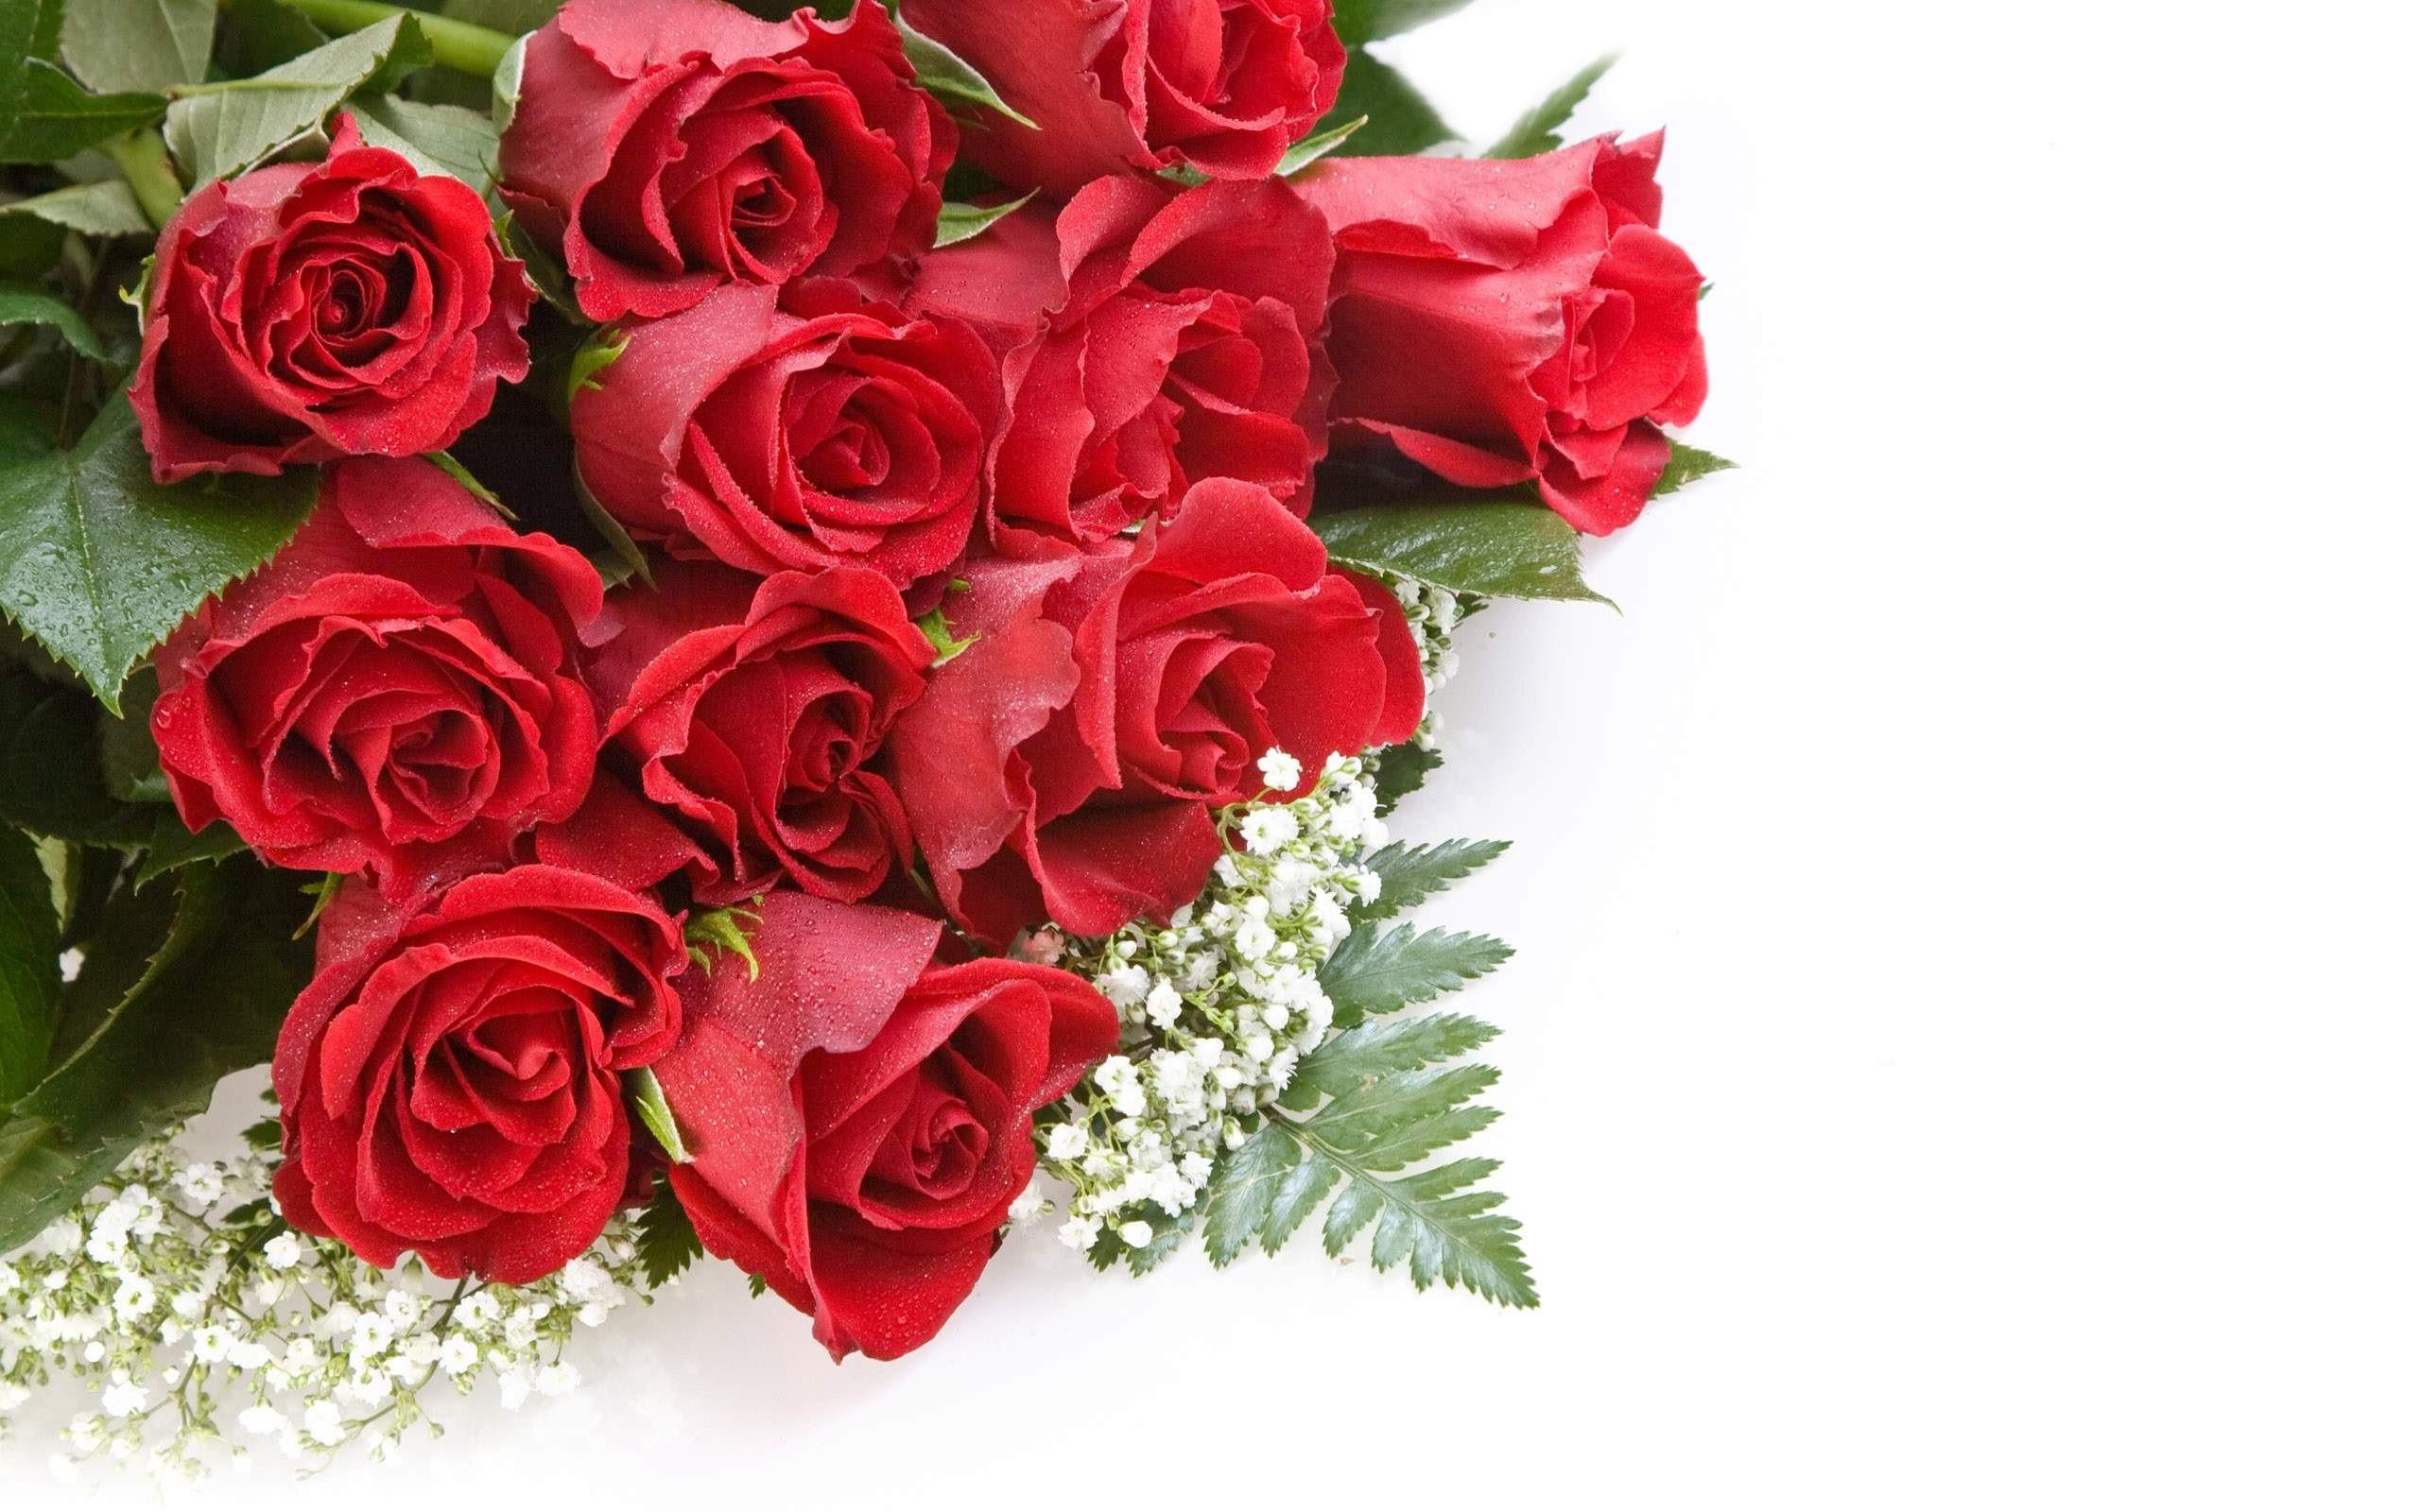 Beautiful roses wallpapers wallpapertag - Beautiful red roses wallpapers desktop ...